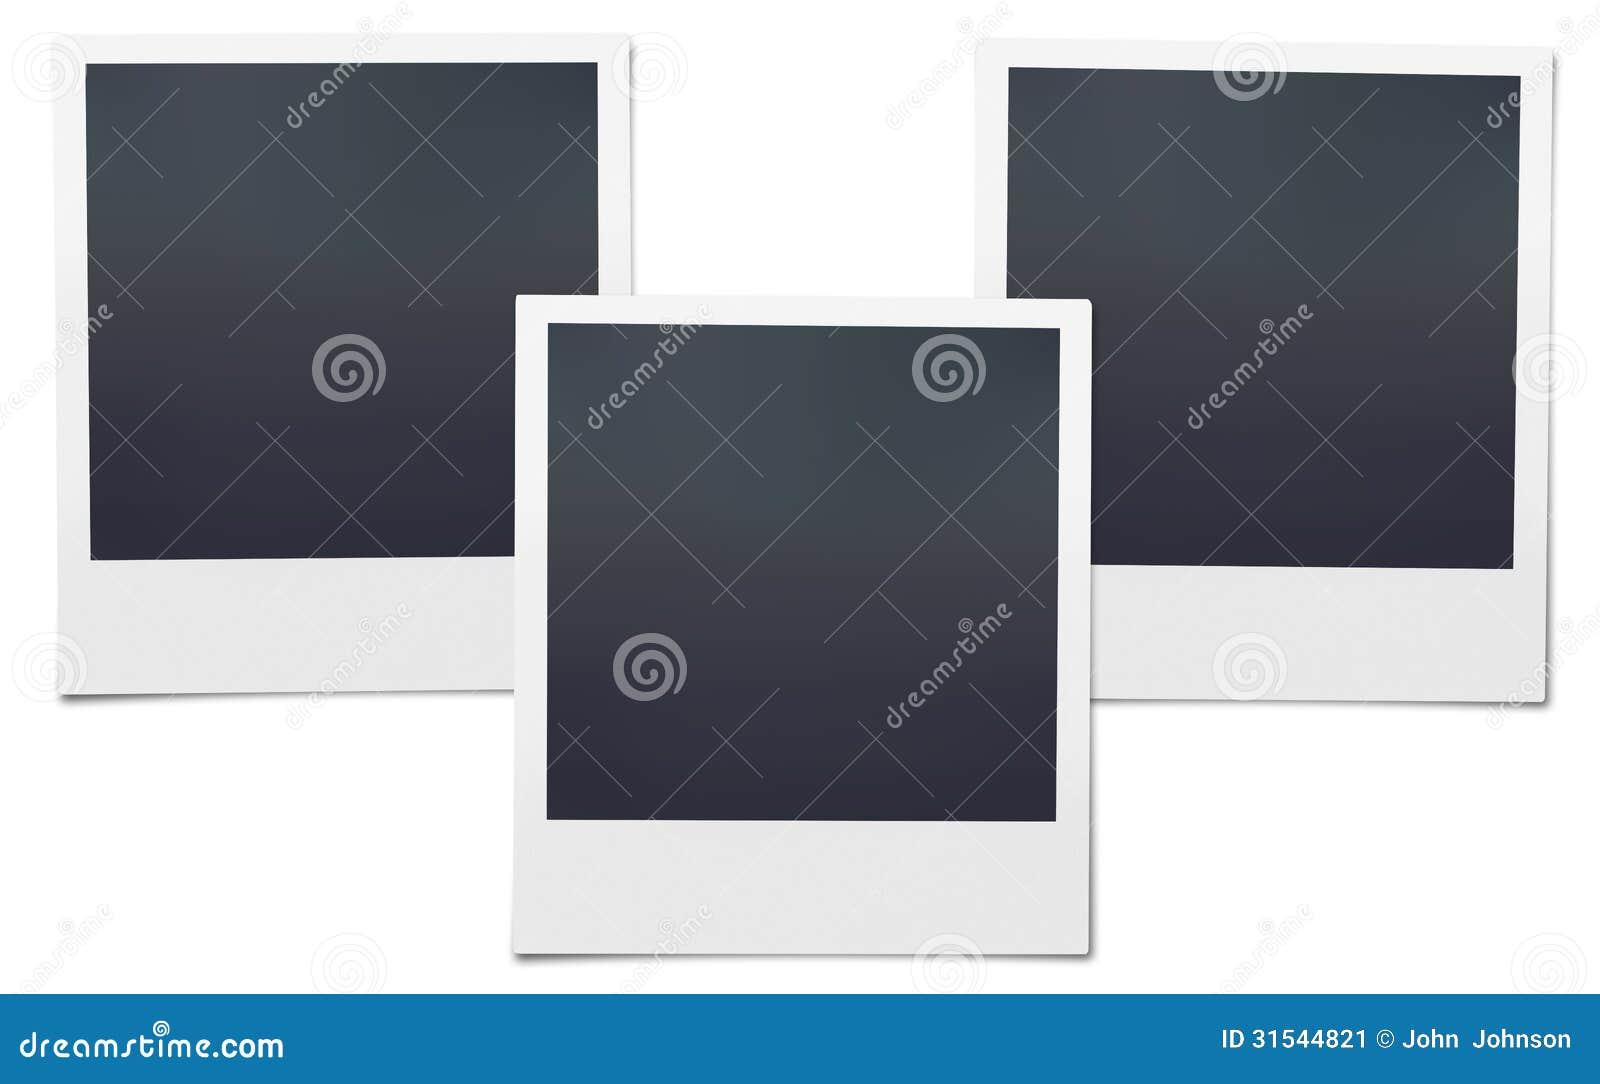 Free polaroid porn